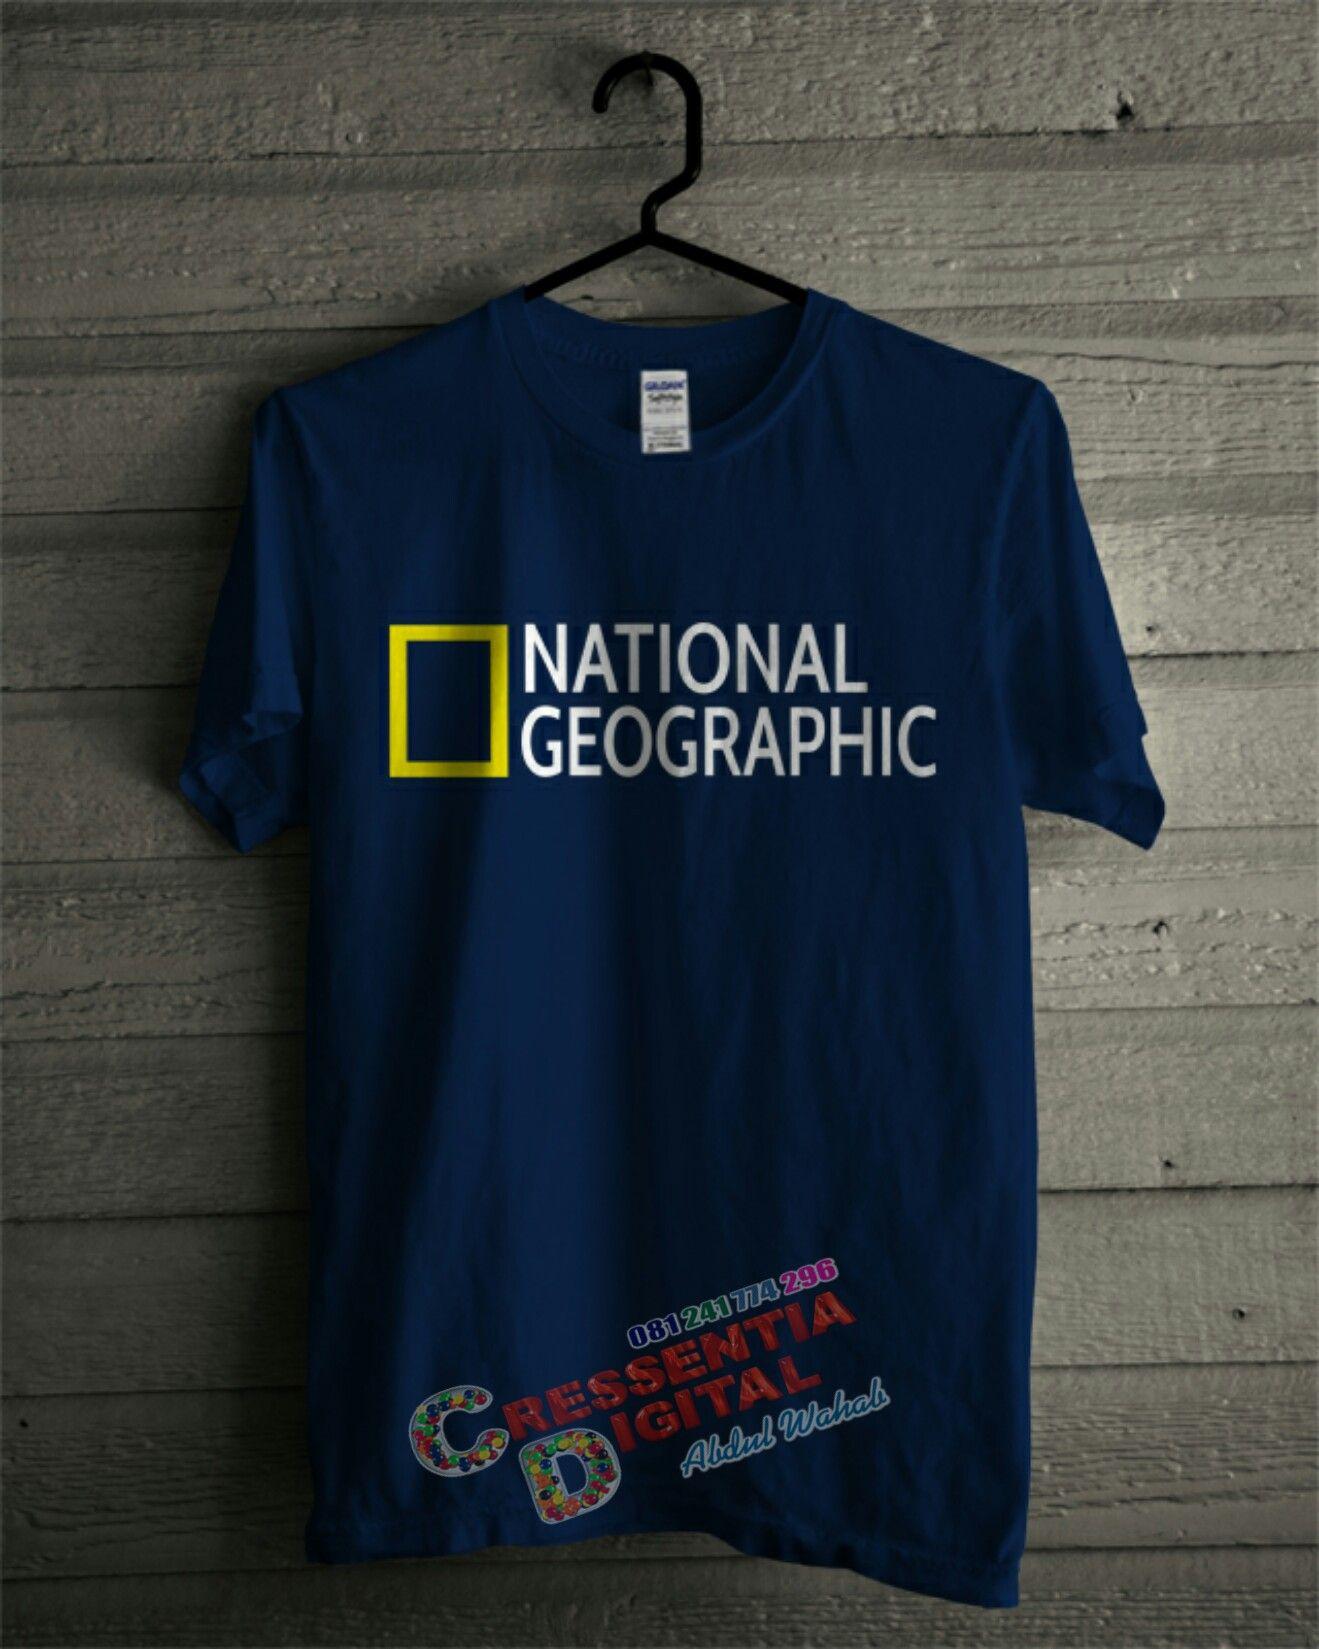 Desain t shirt racing - Explore Racing T Shirt And More